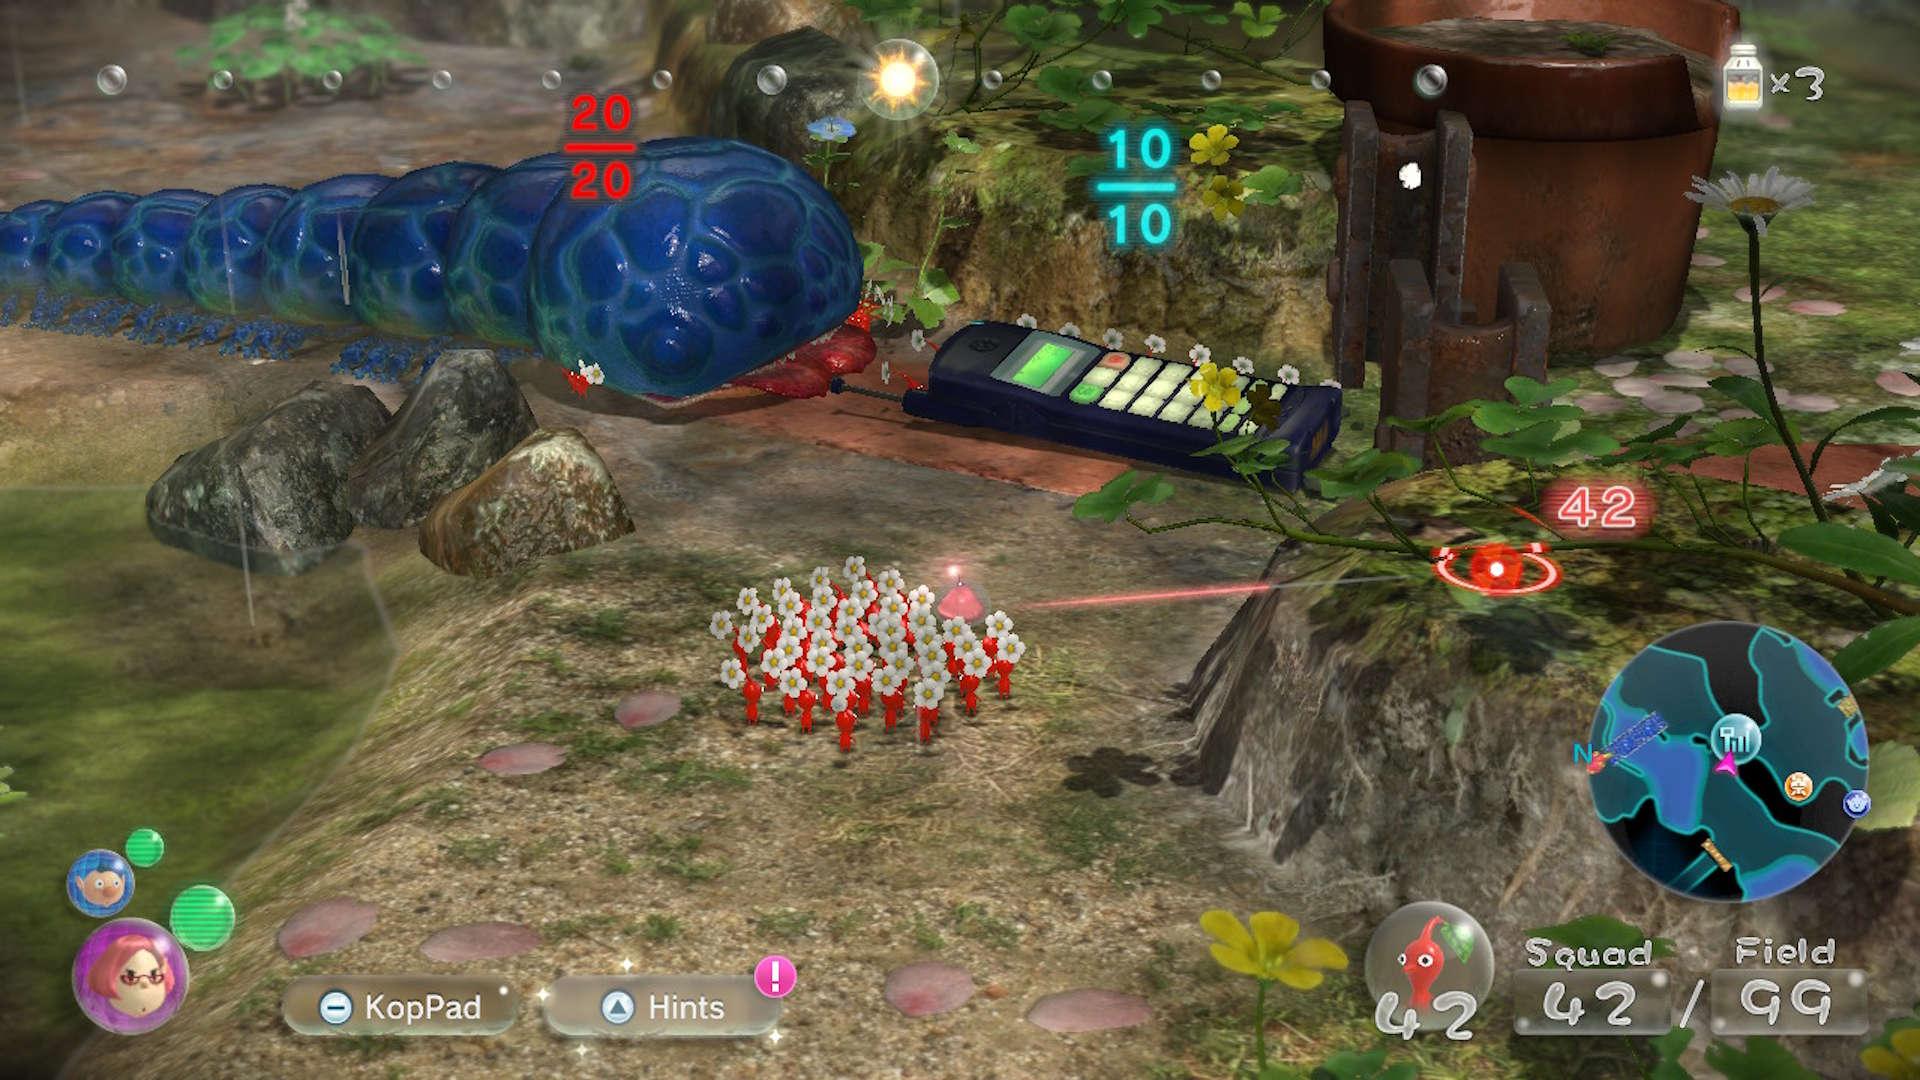 Evaluation: Pikmin 3 Deluxe (Nintendo Swap)